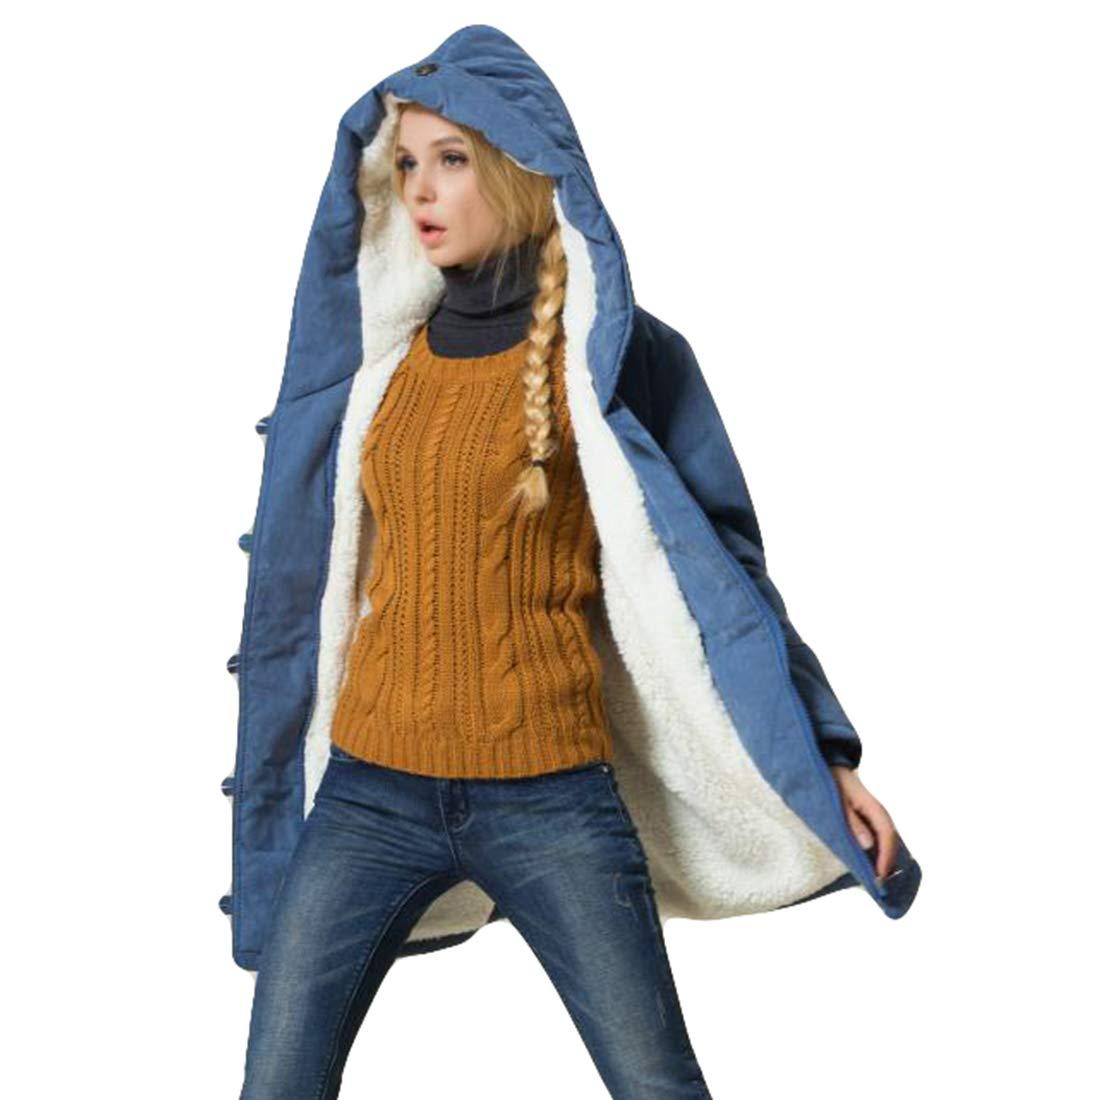 Belgius Women Hooded Warm Coat Winter Warm Cotton Fleece Lined Outwear Parkas Jacket